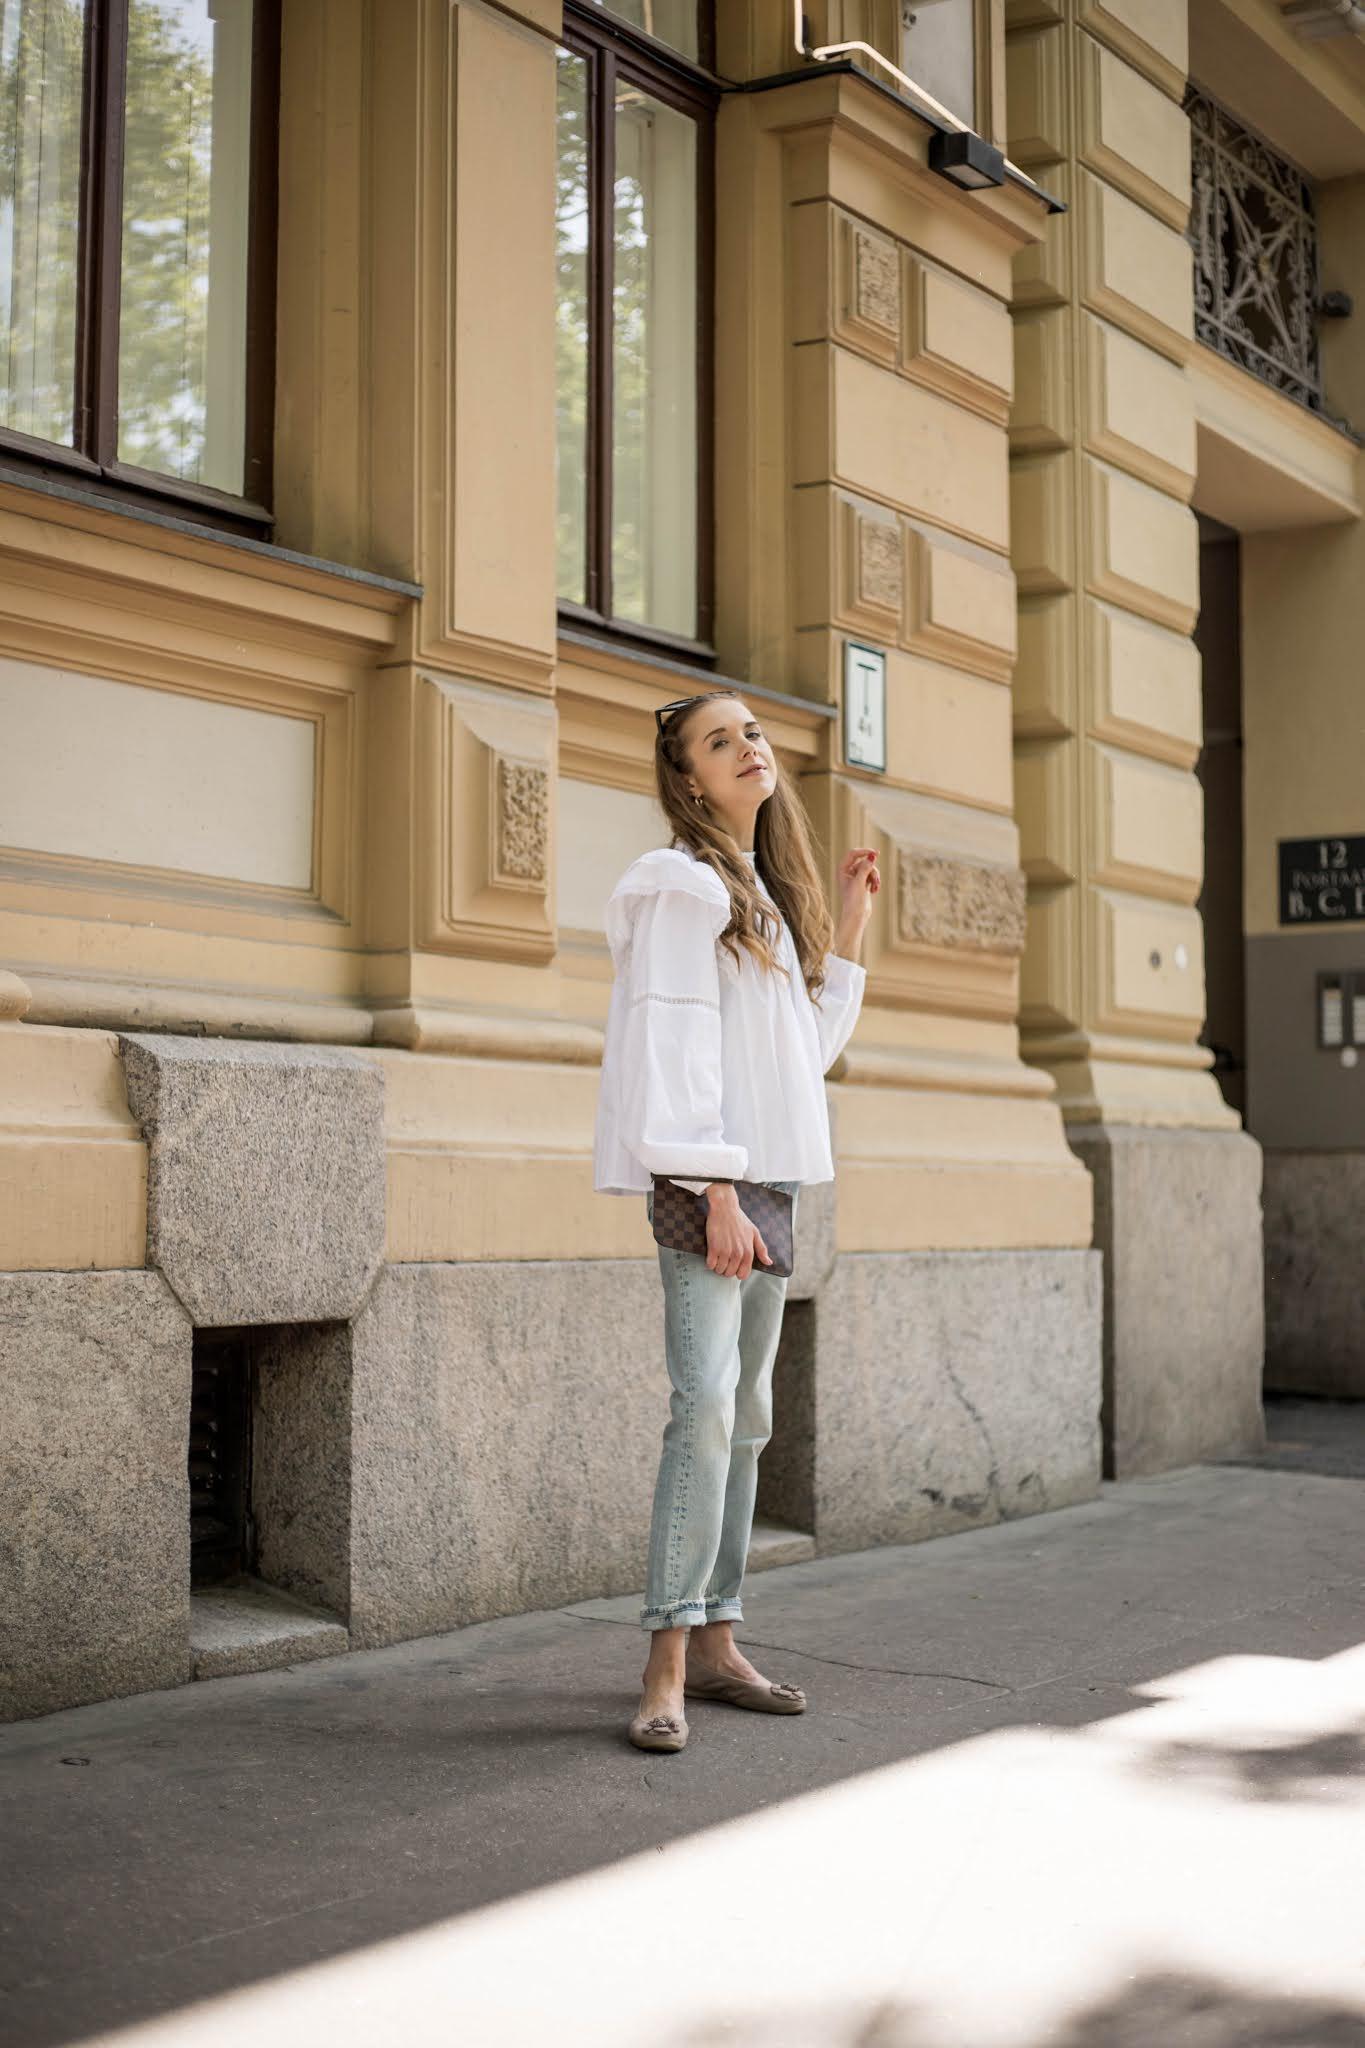 Kesäasu vaaleiden farkkujen ja valkoisen paidan kanssa // Summer outfit with light blue jeans and white blouse